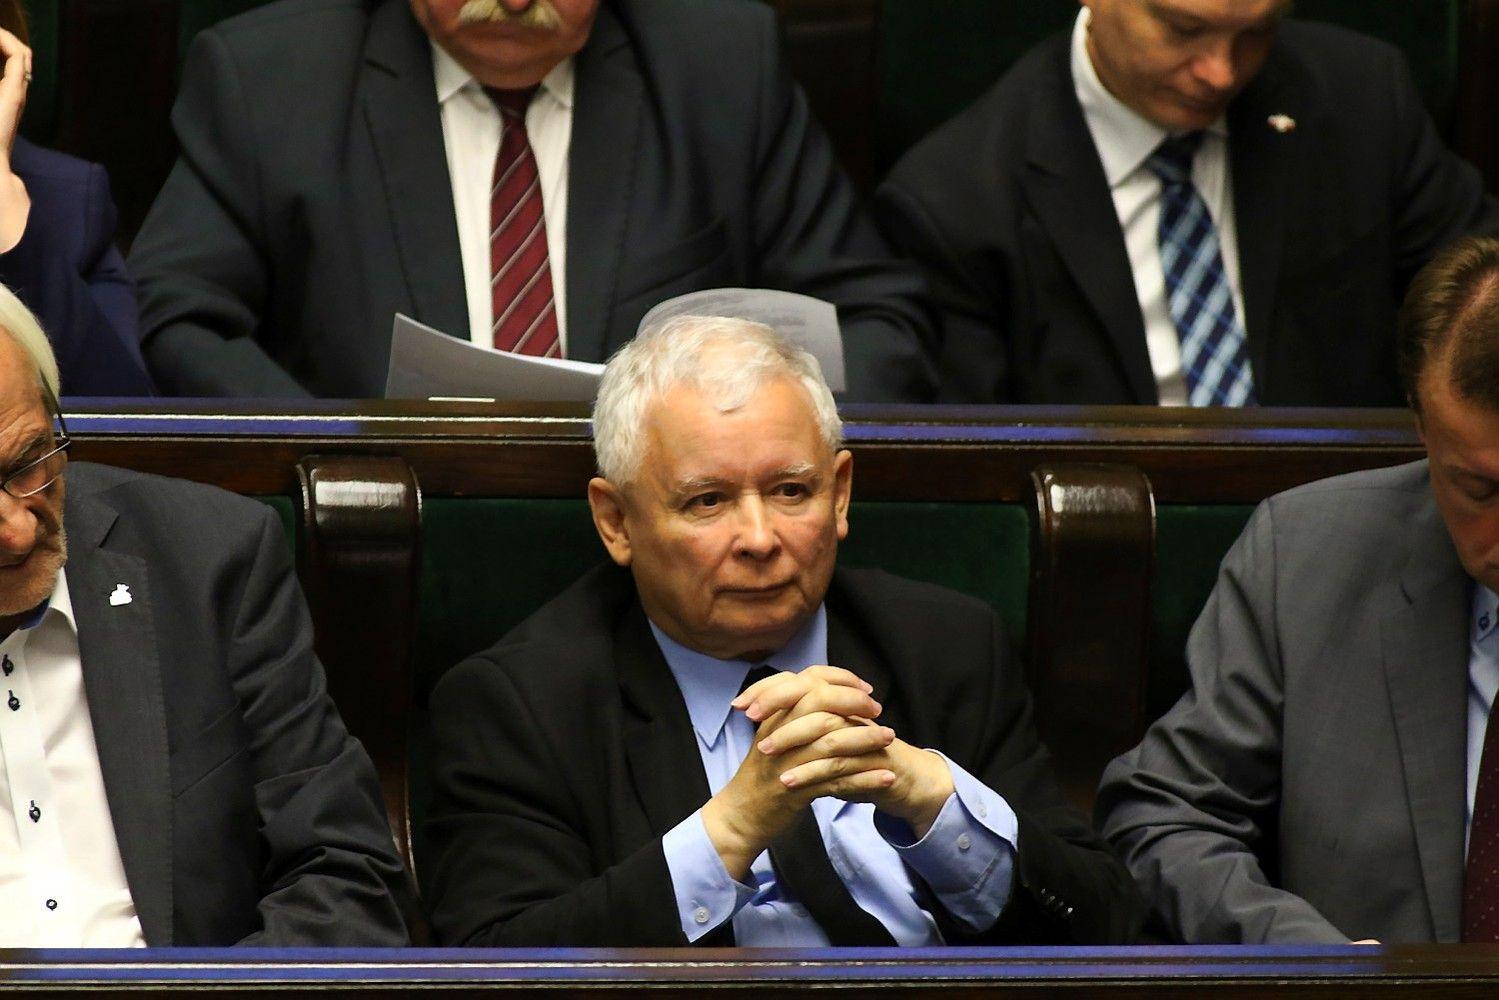 Lenkija pritarė teismų reformai dėl kurios ES žadėjo precedento neturinčias sankcijas